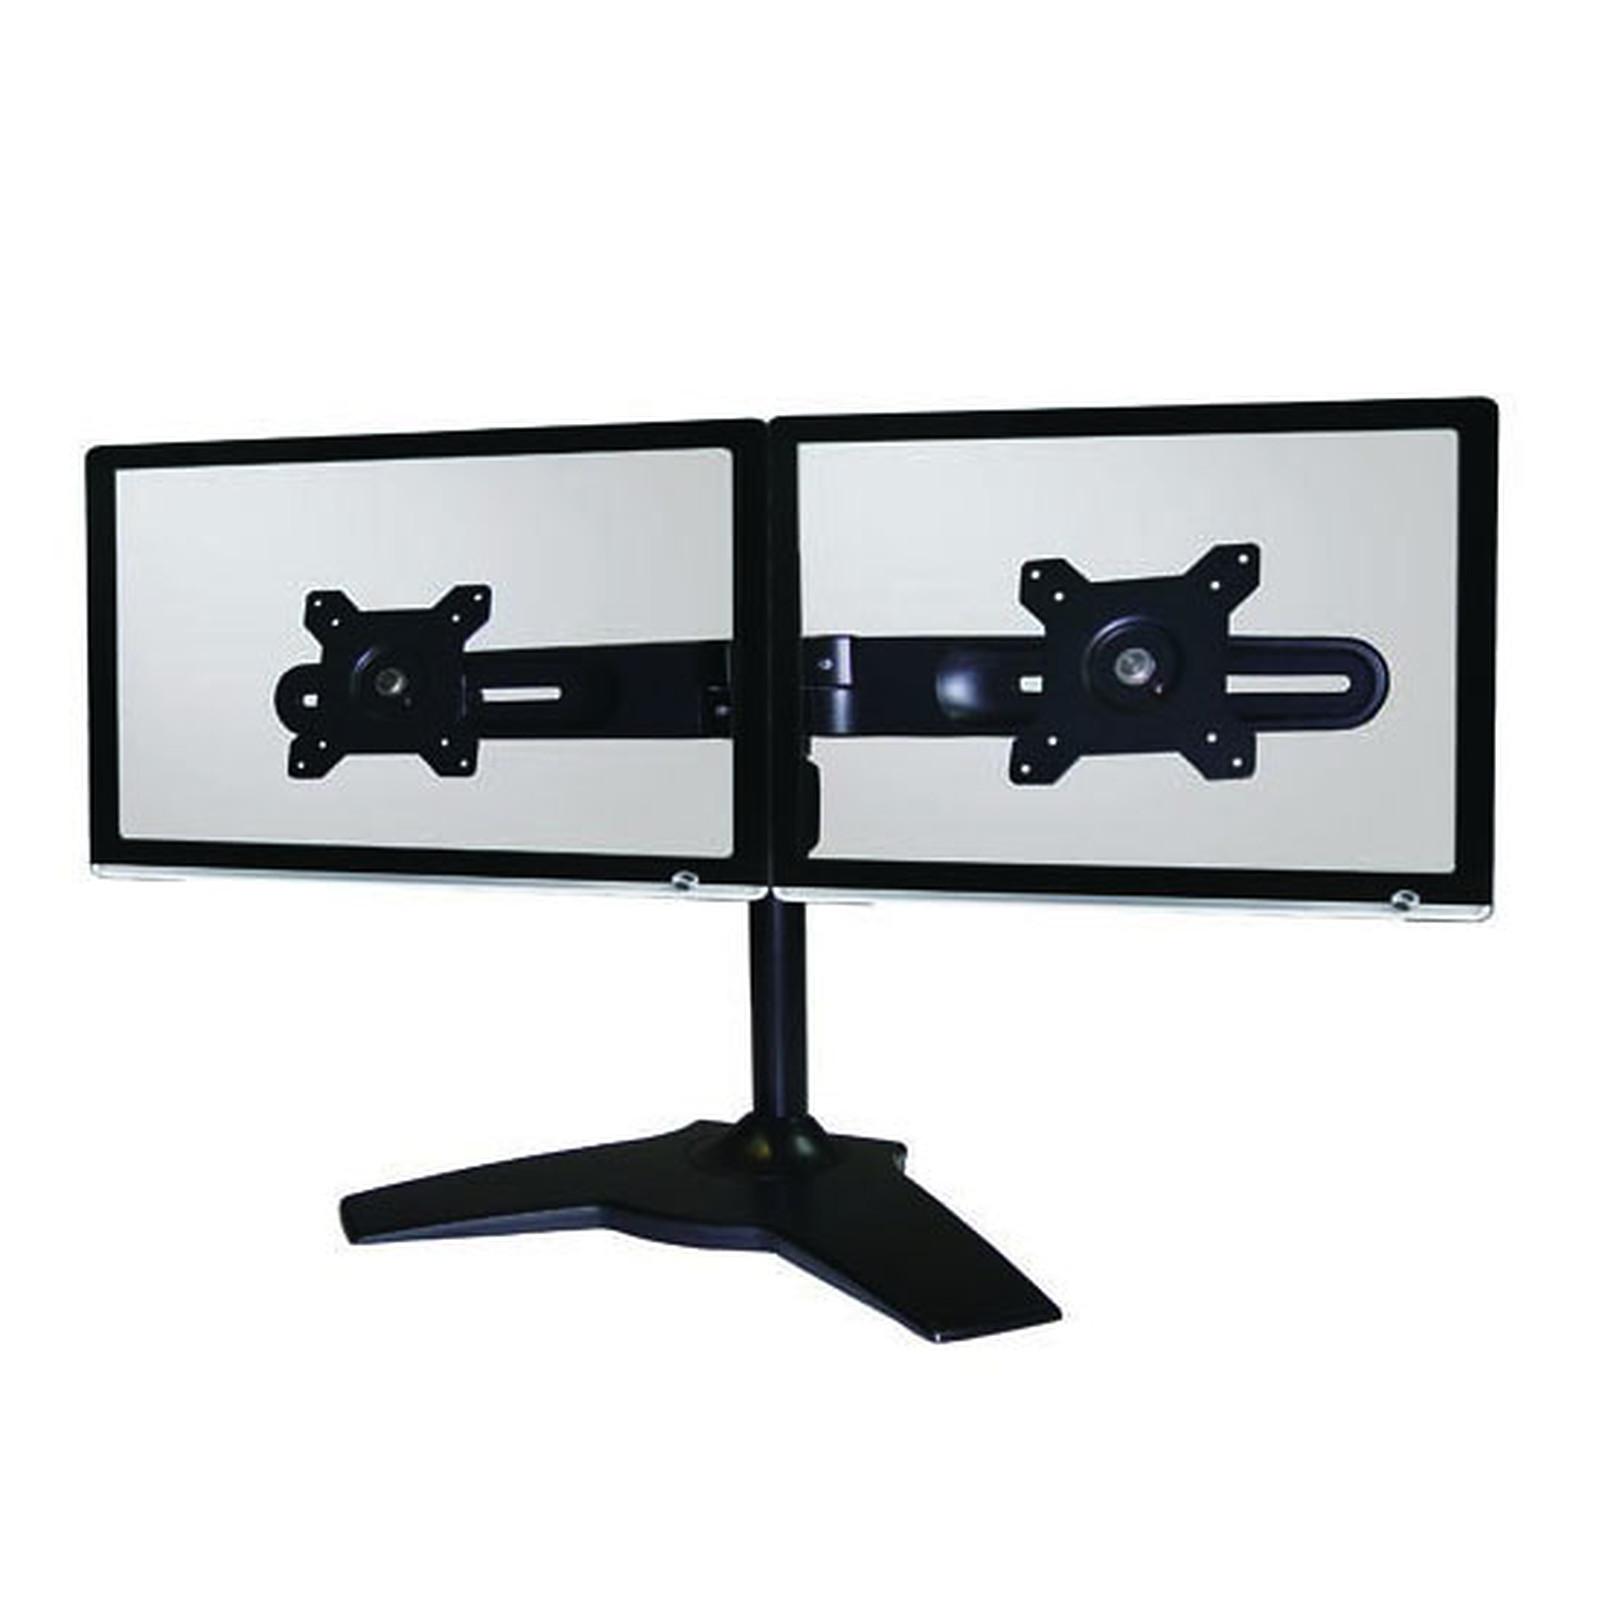 ldlc support de bureau pour 2 crans plats de 15 24 bras pied ldlc sur. Black Bedroom Furniture Sets. Home Design Ideas